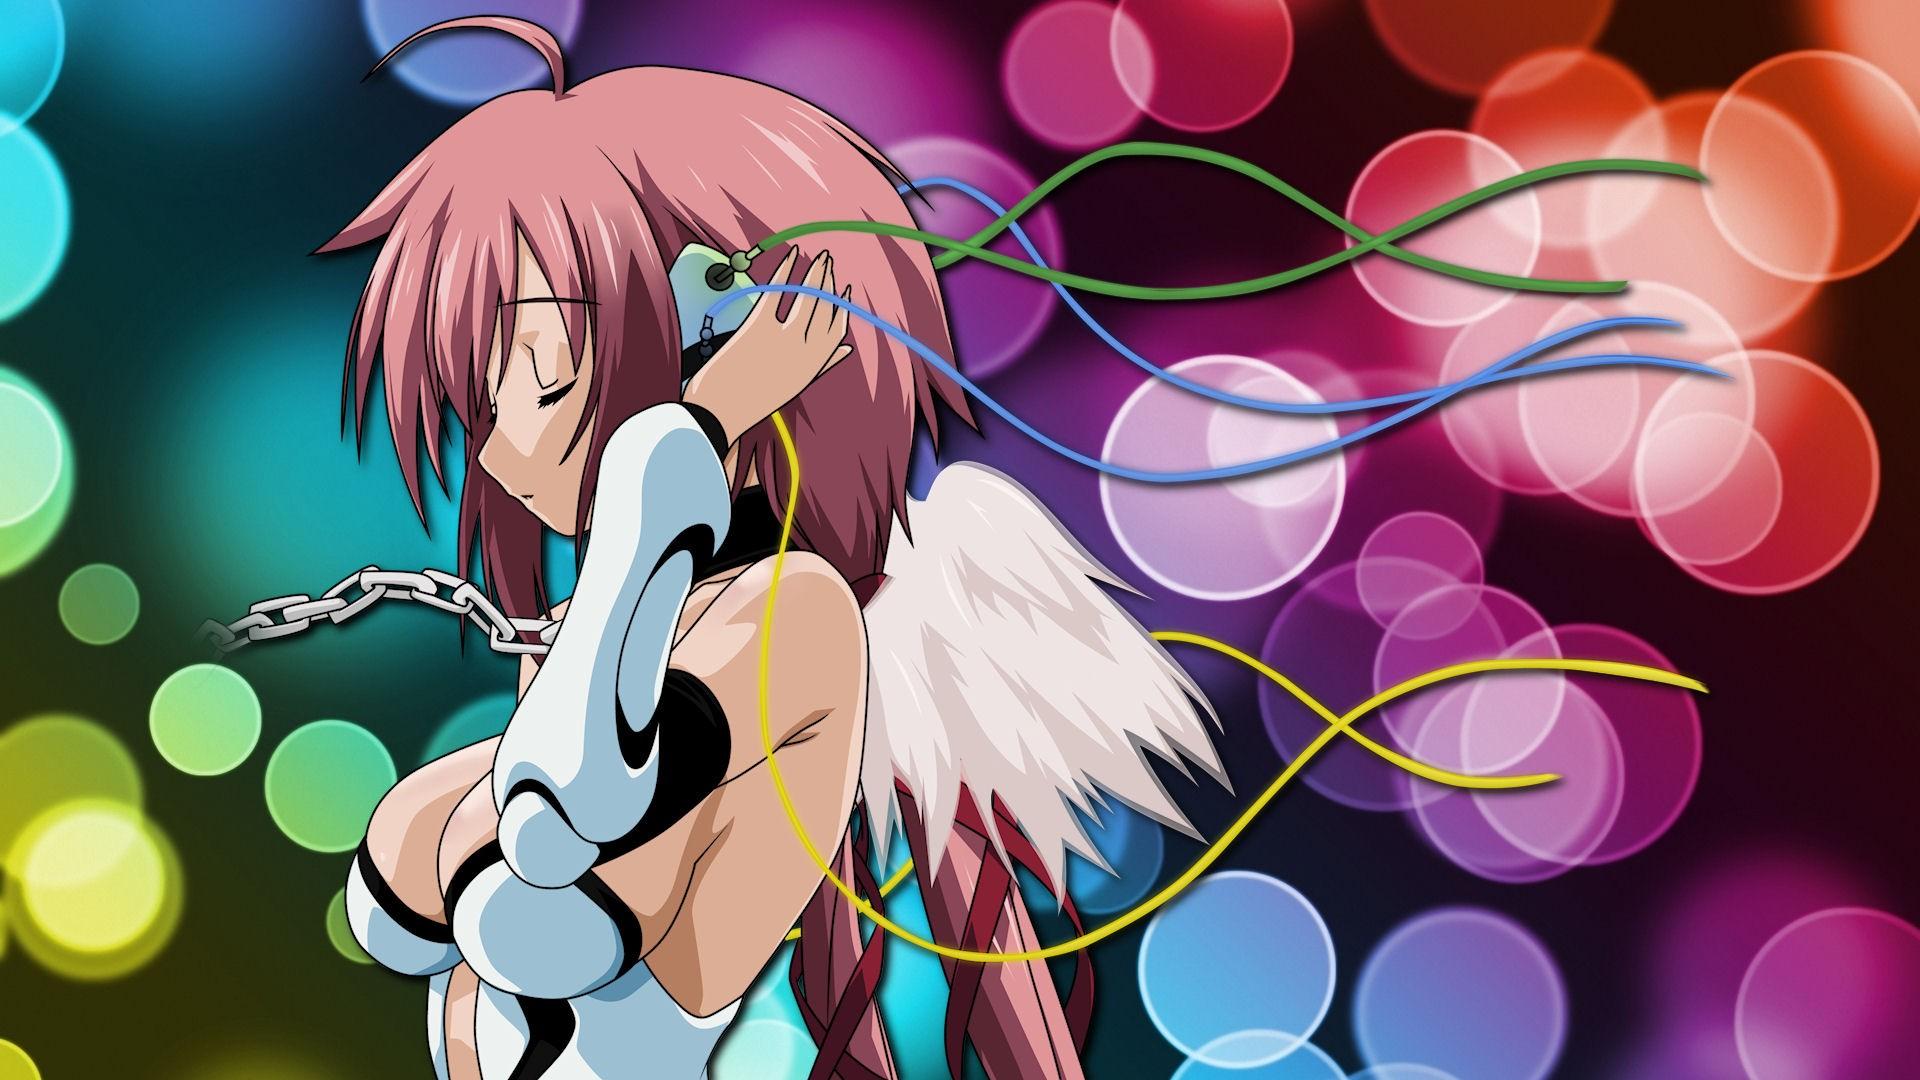 Ecchi Sora No Otoshimono Anime Wallpaper 1920x1080 184940